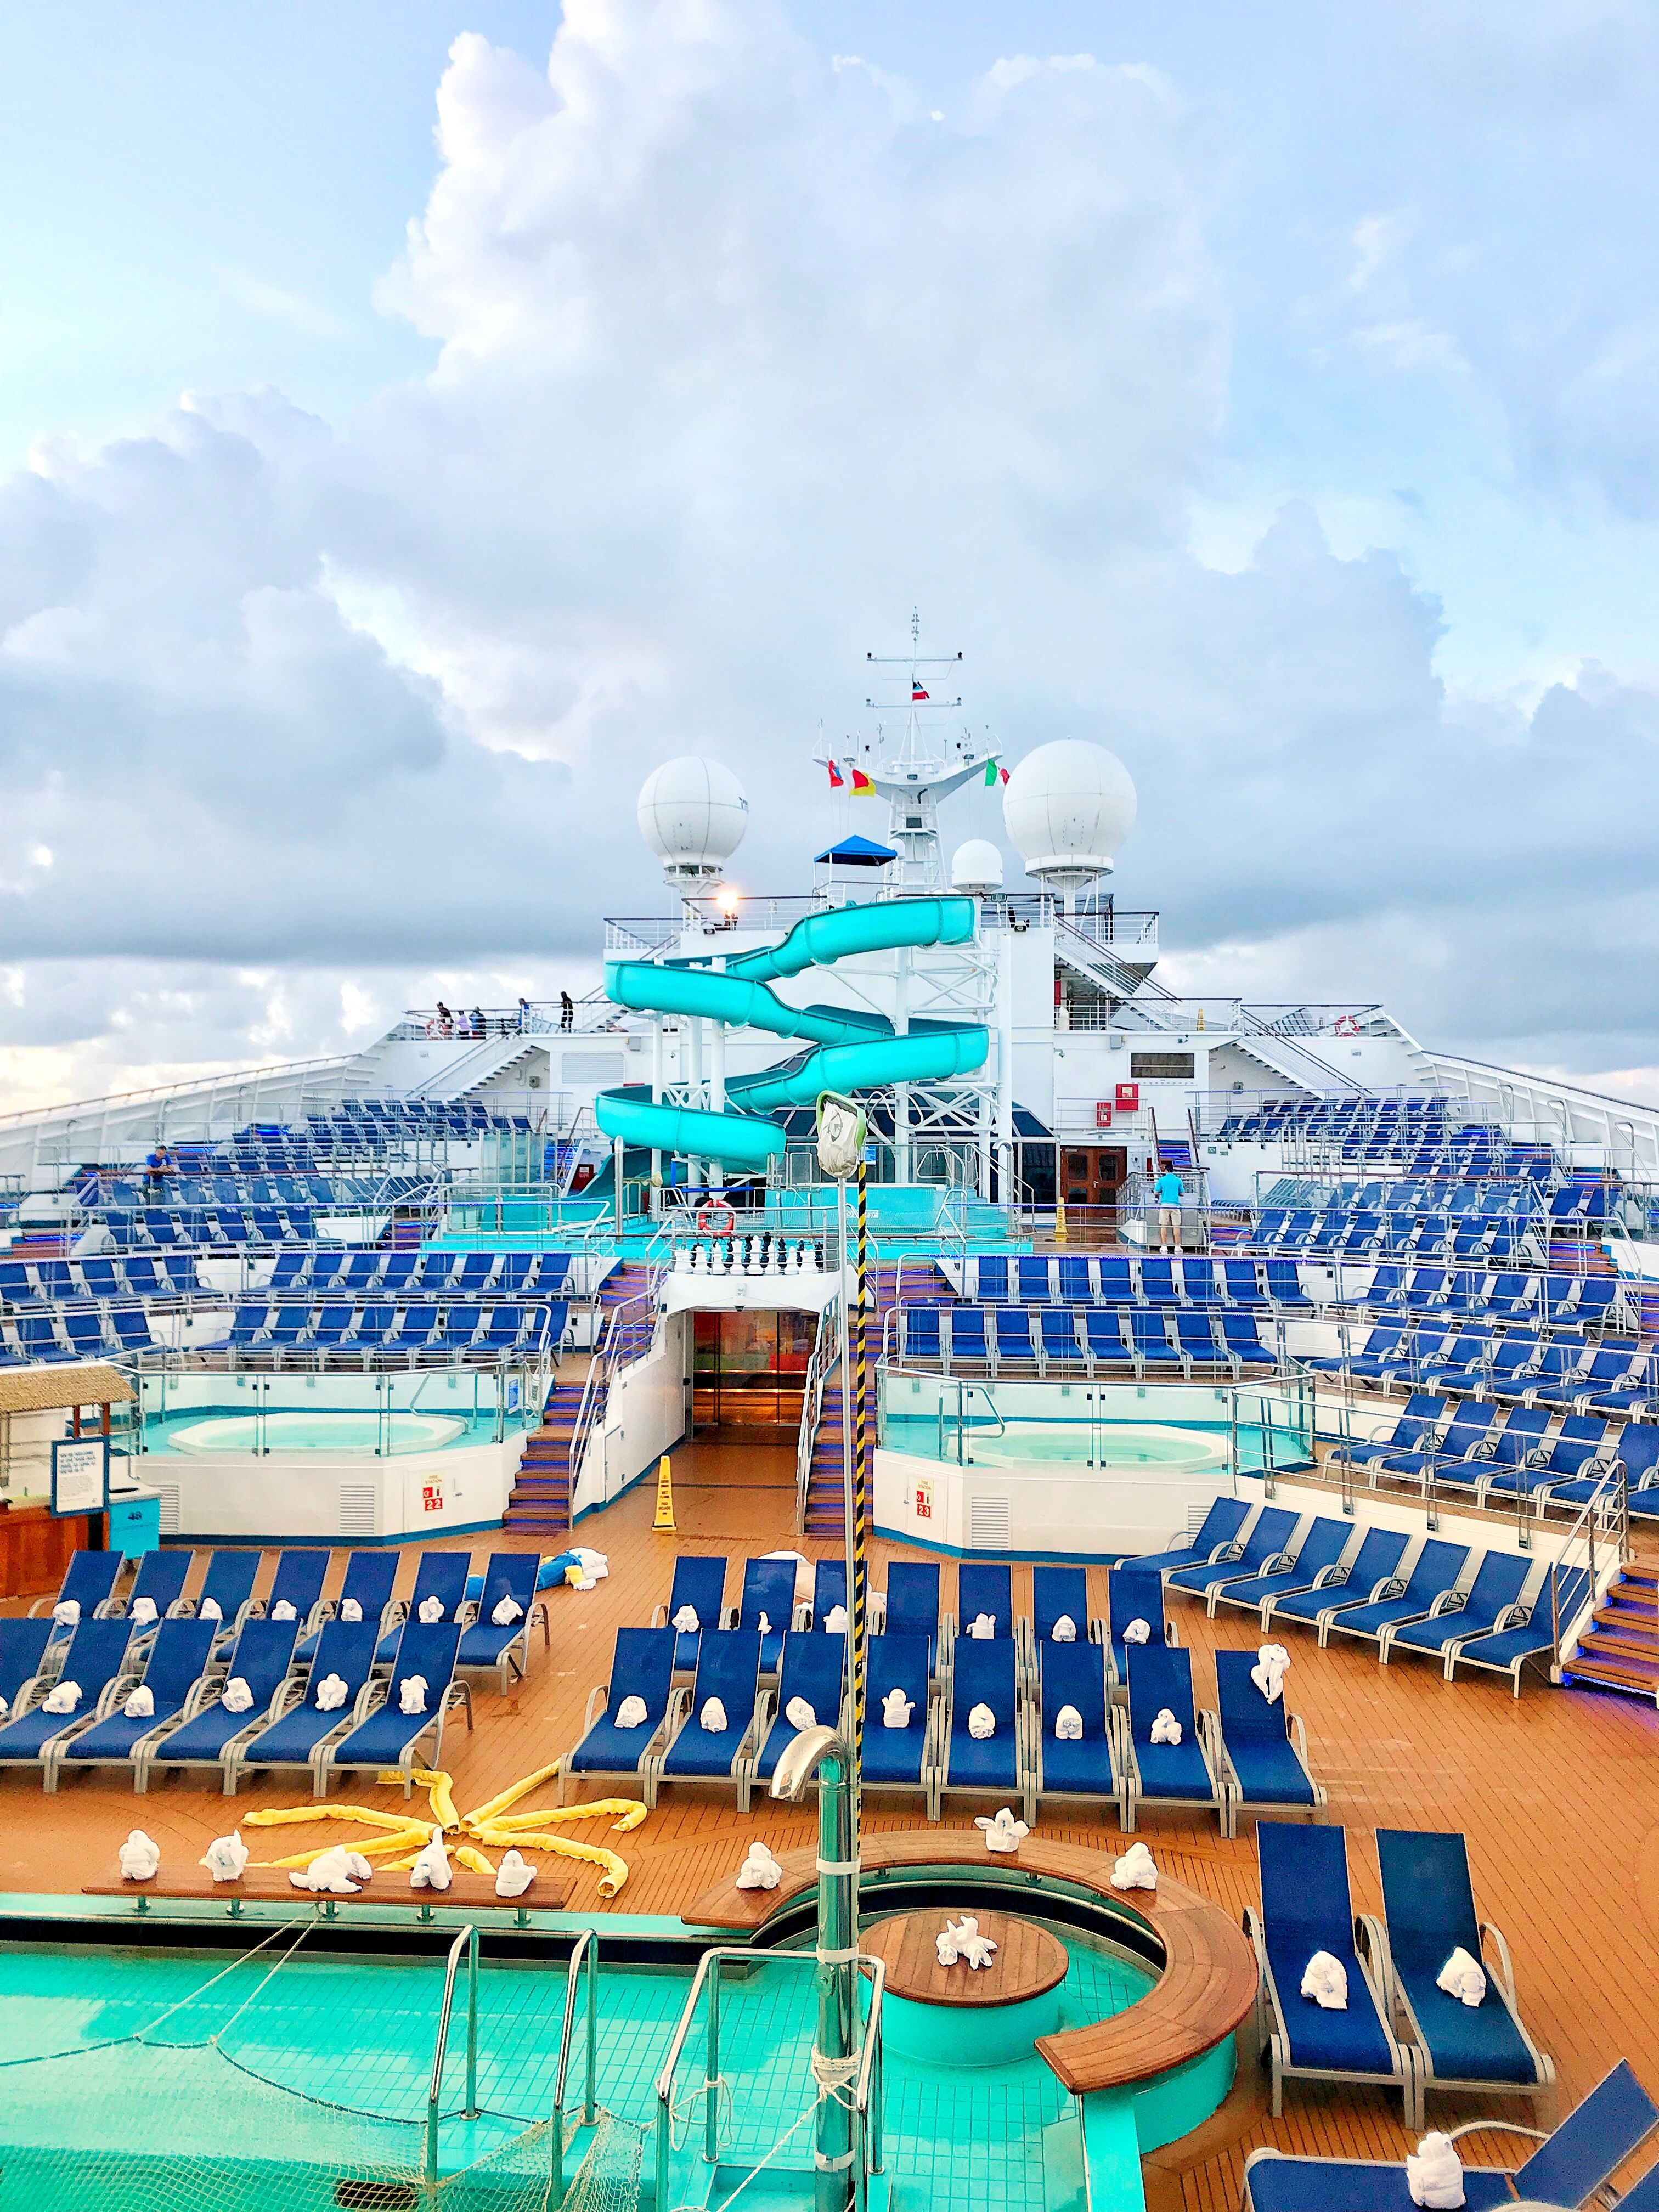 Carnival Cruise #carnival #cruise #triumph